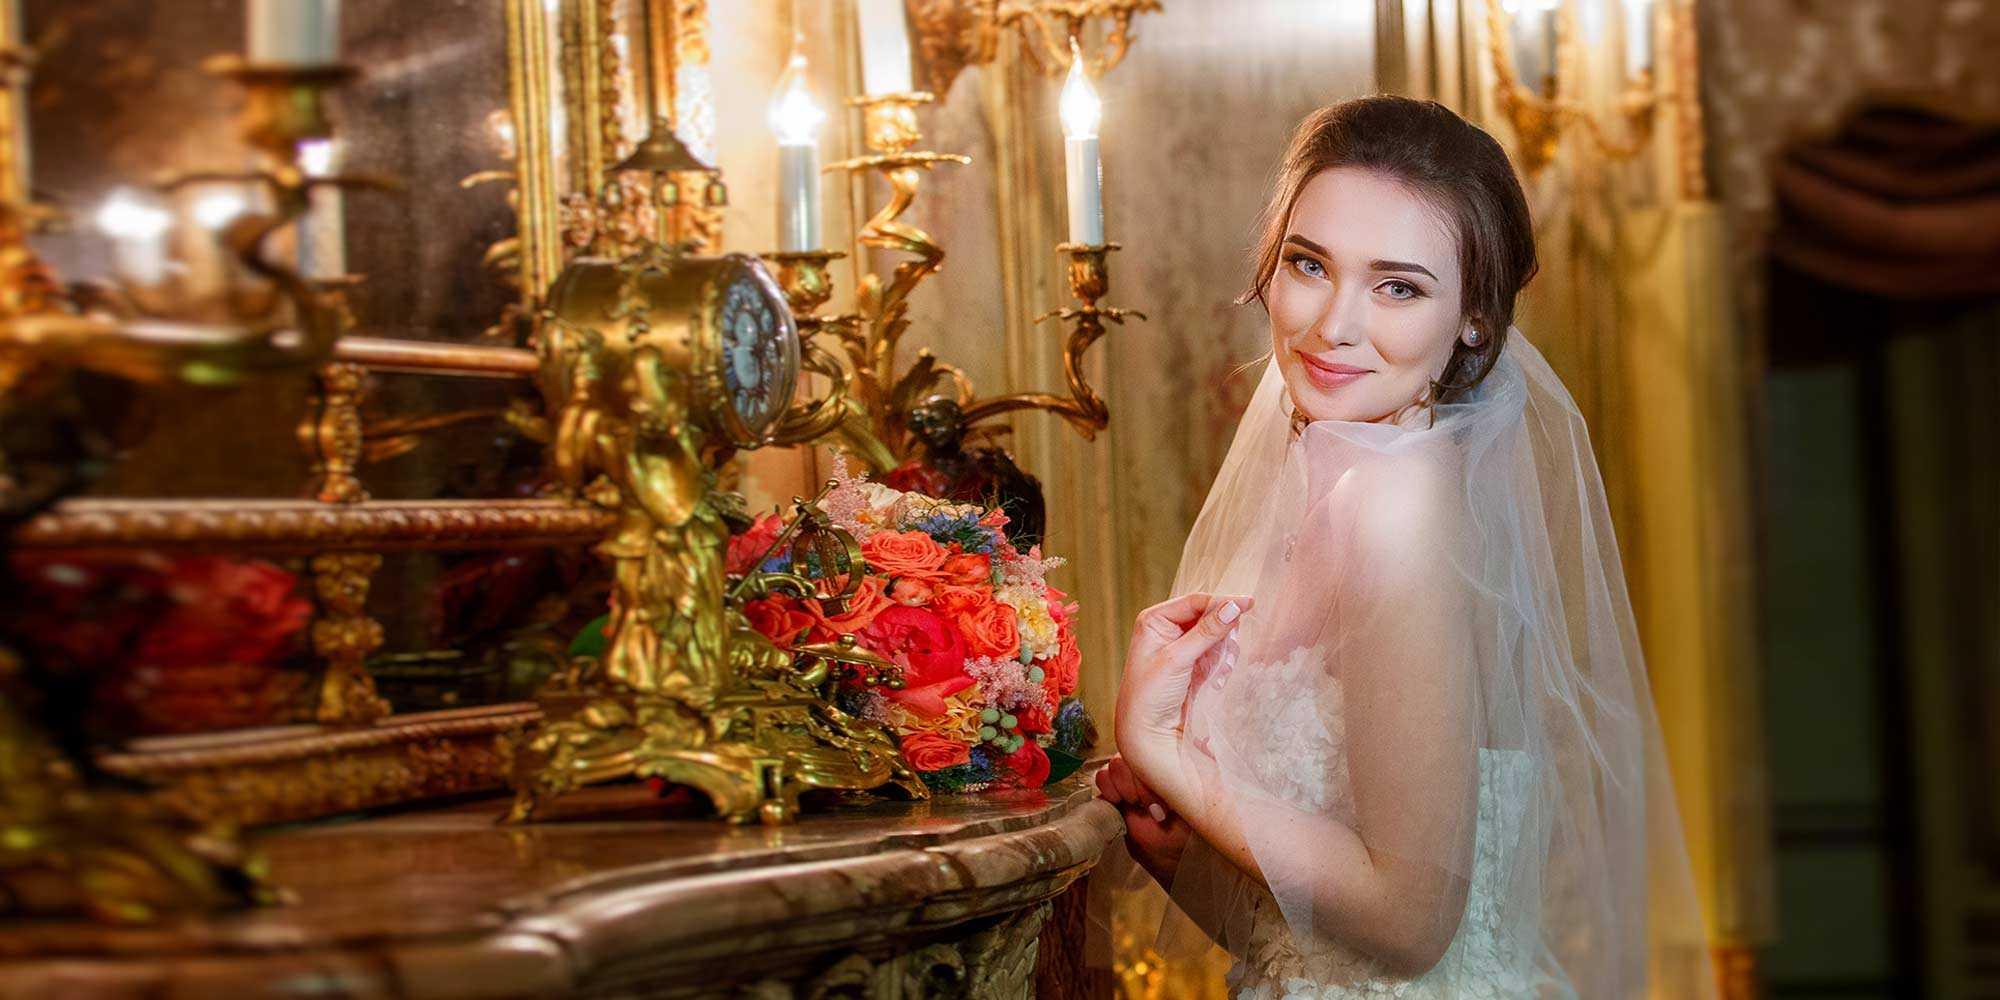 съемка свадьбы в плохую погоду